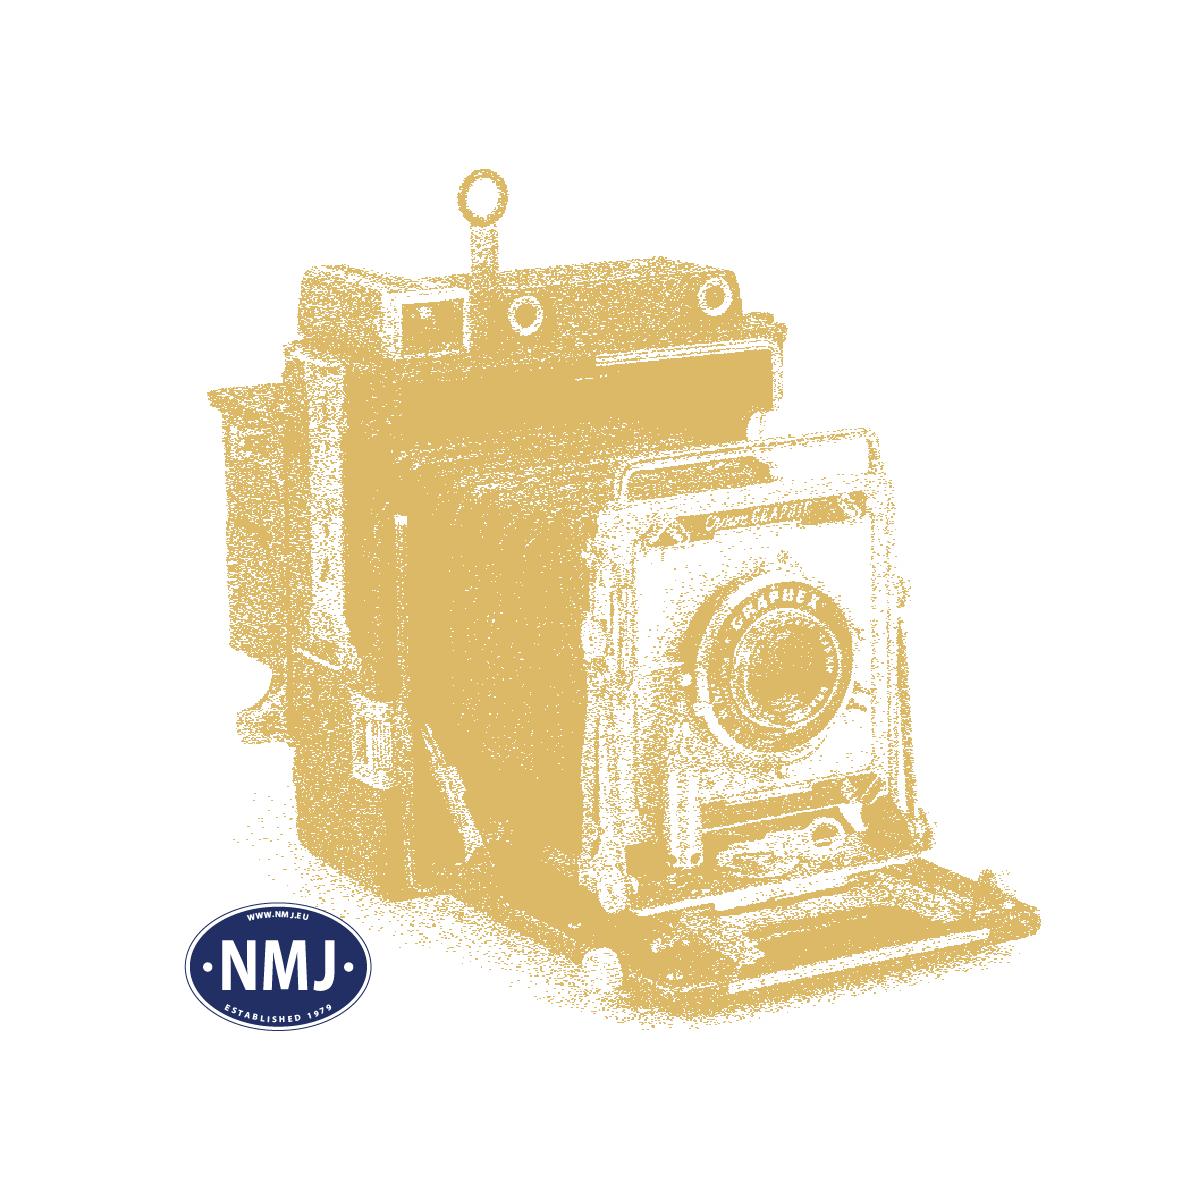 NMJT120.101 - NMJ Topline NSB AB7-1 24701 Original utgave (rødbrun)